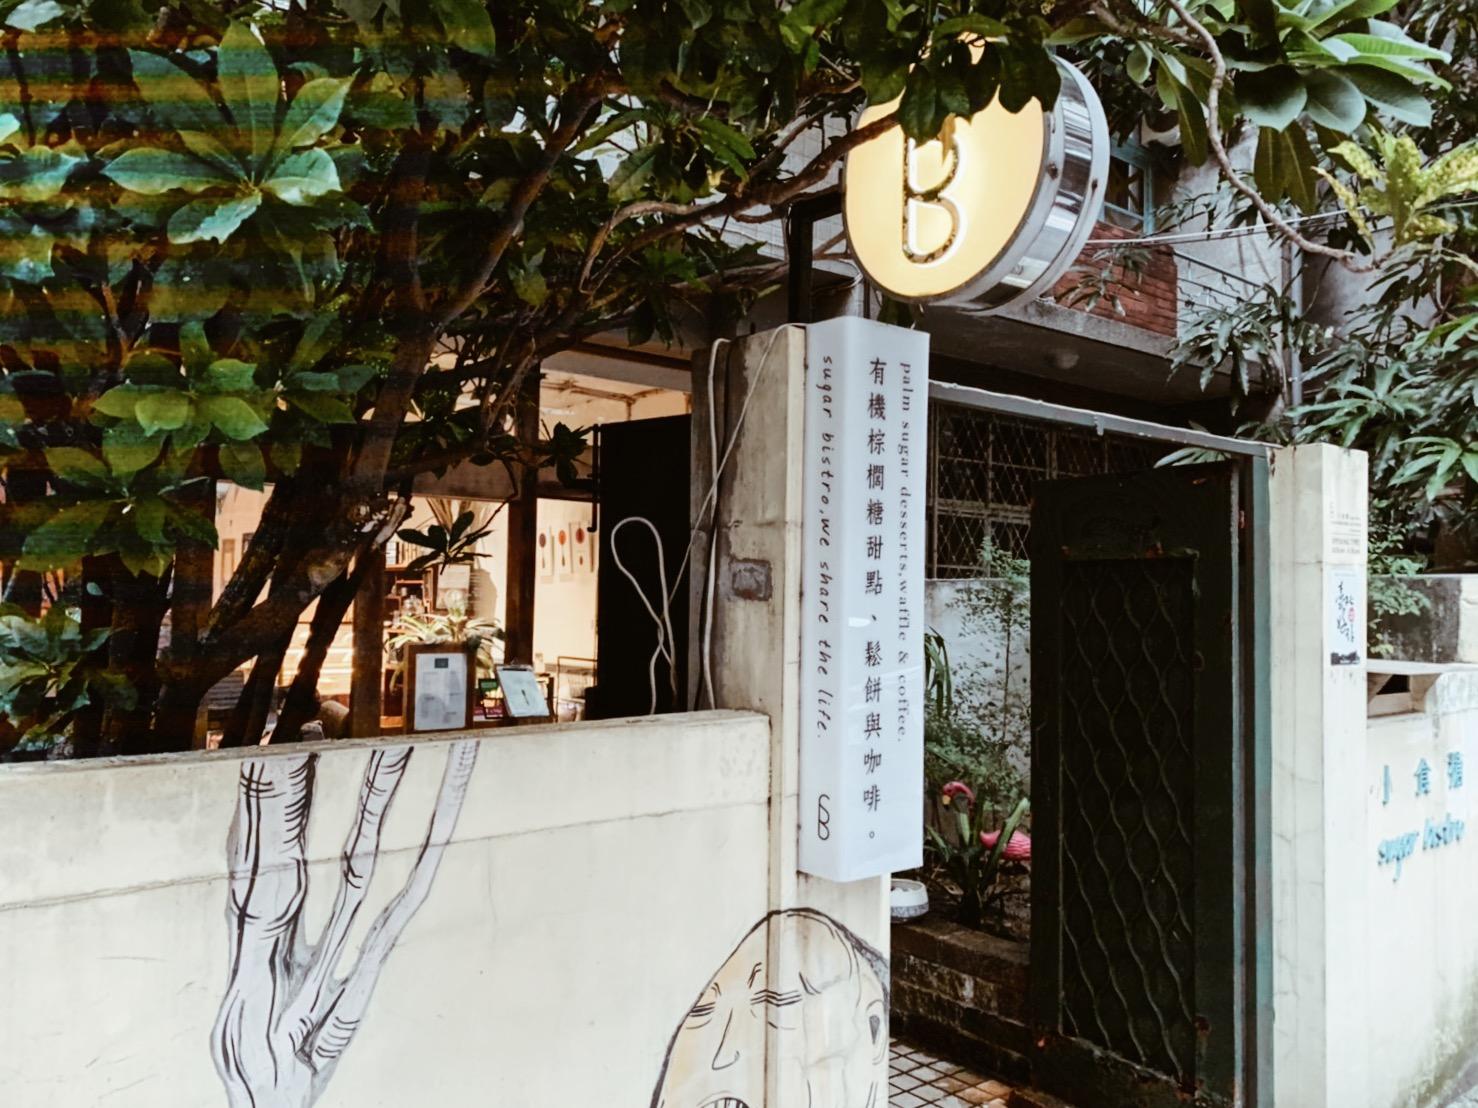 《台北のカフェ》いま一番ホットなエリア「MRT東門駅」特集! 読書の秋におすすめのカフェ2選【 #TOKYOPANDA のおすすめ台湾情報 】_1